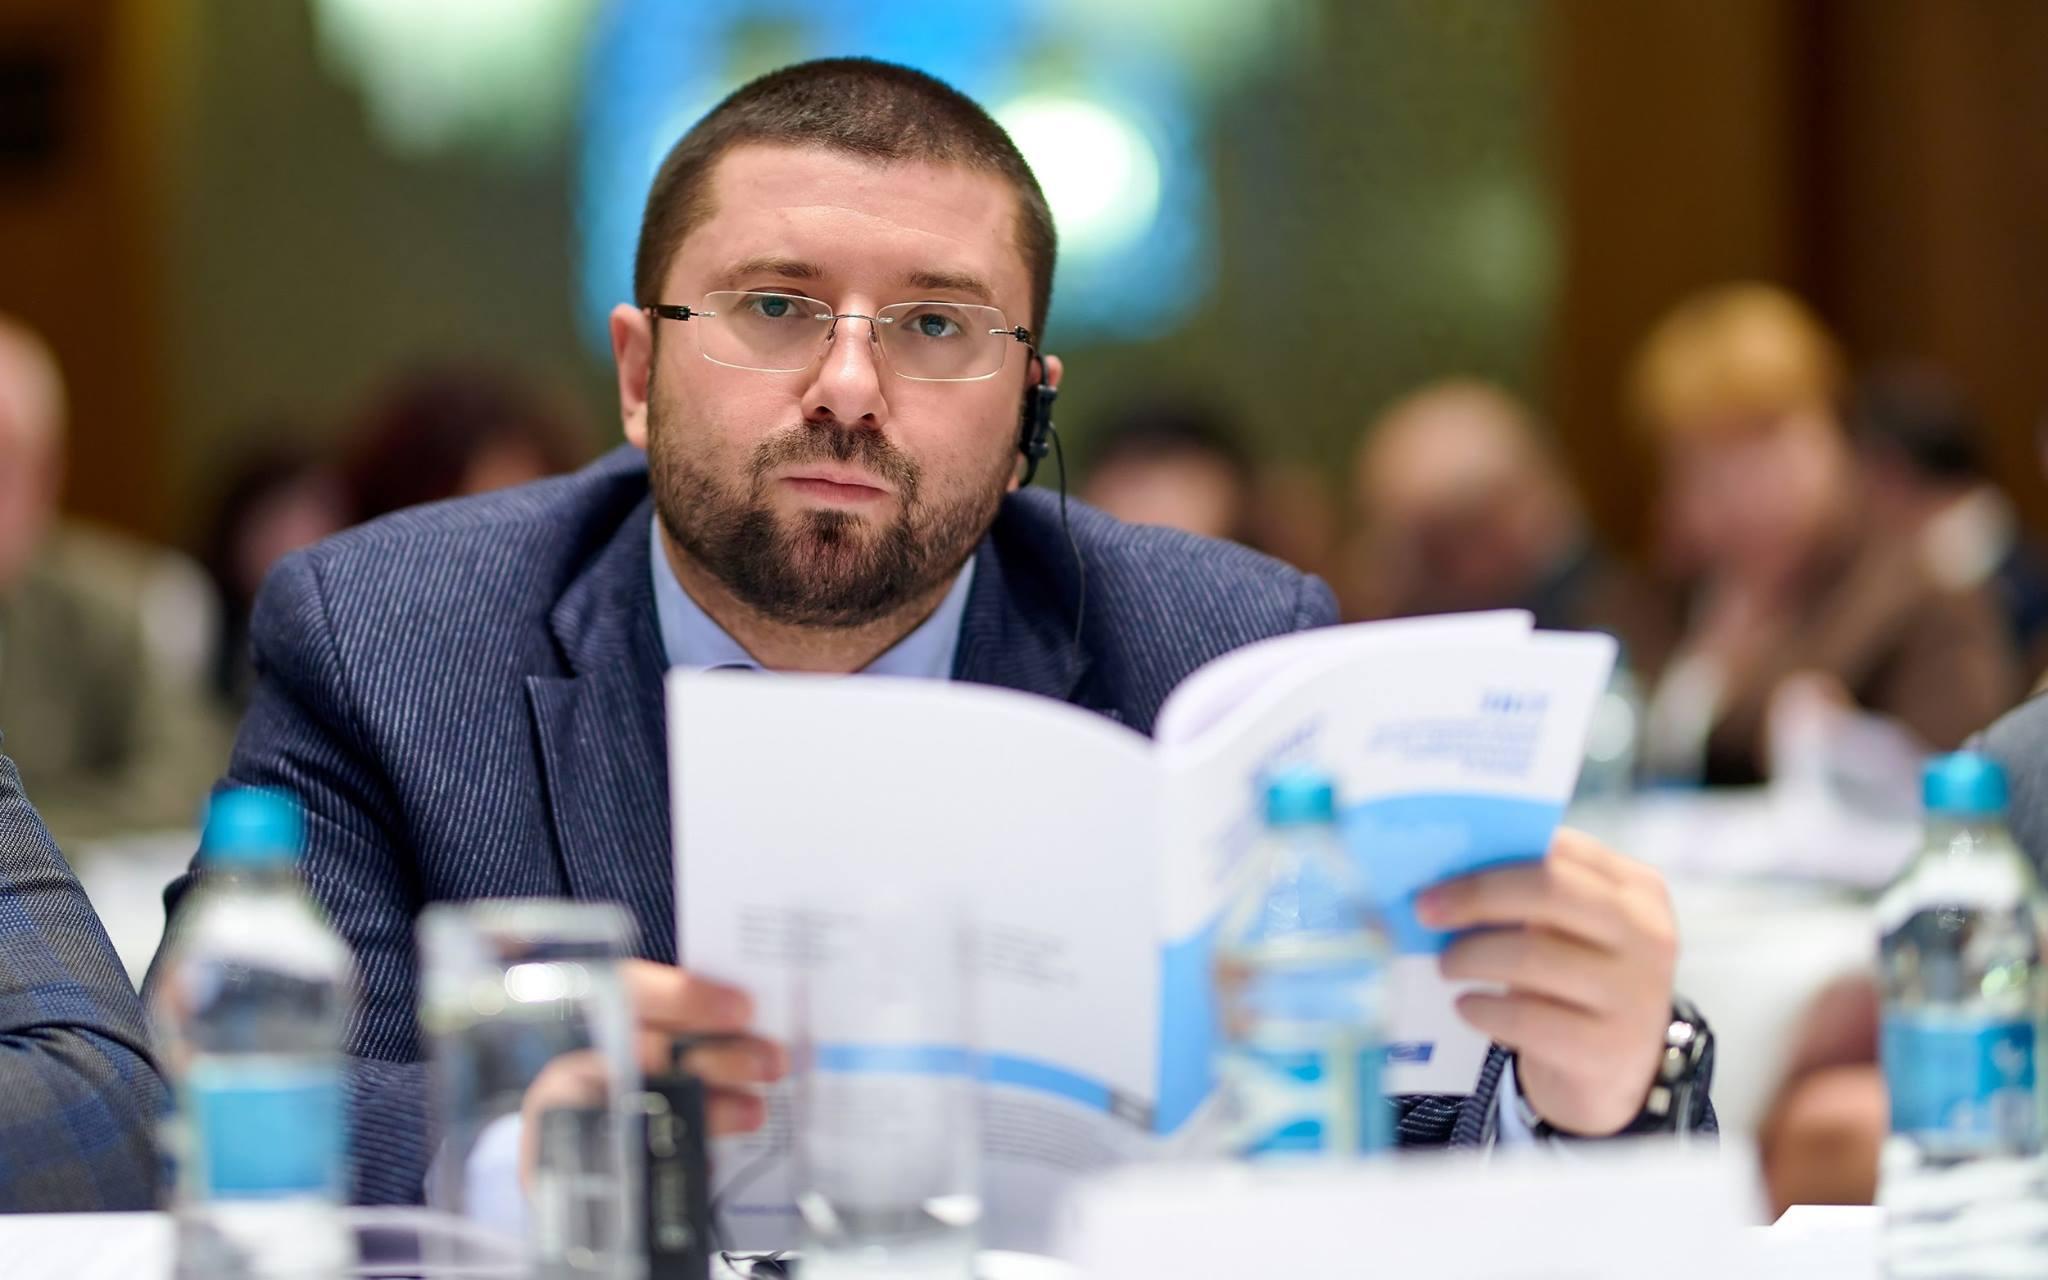 В Запорожье дисциплинарная комиссия адвокатуры может аннулировать Ярославу Гришину адвокатское свидетельство